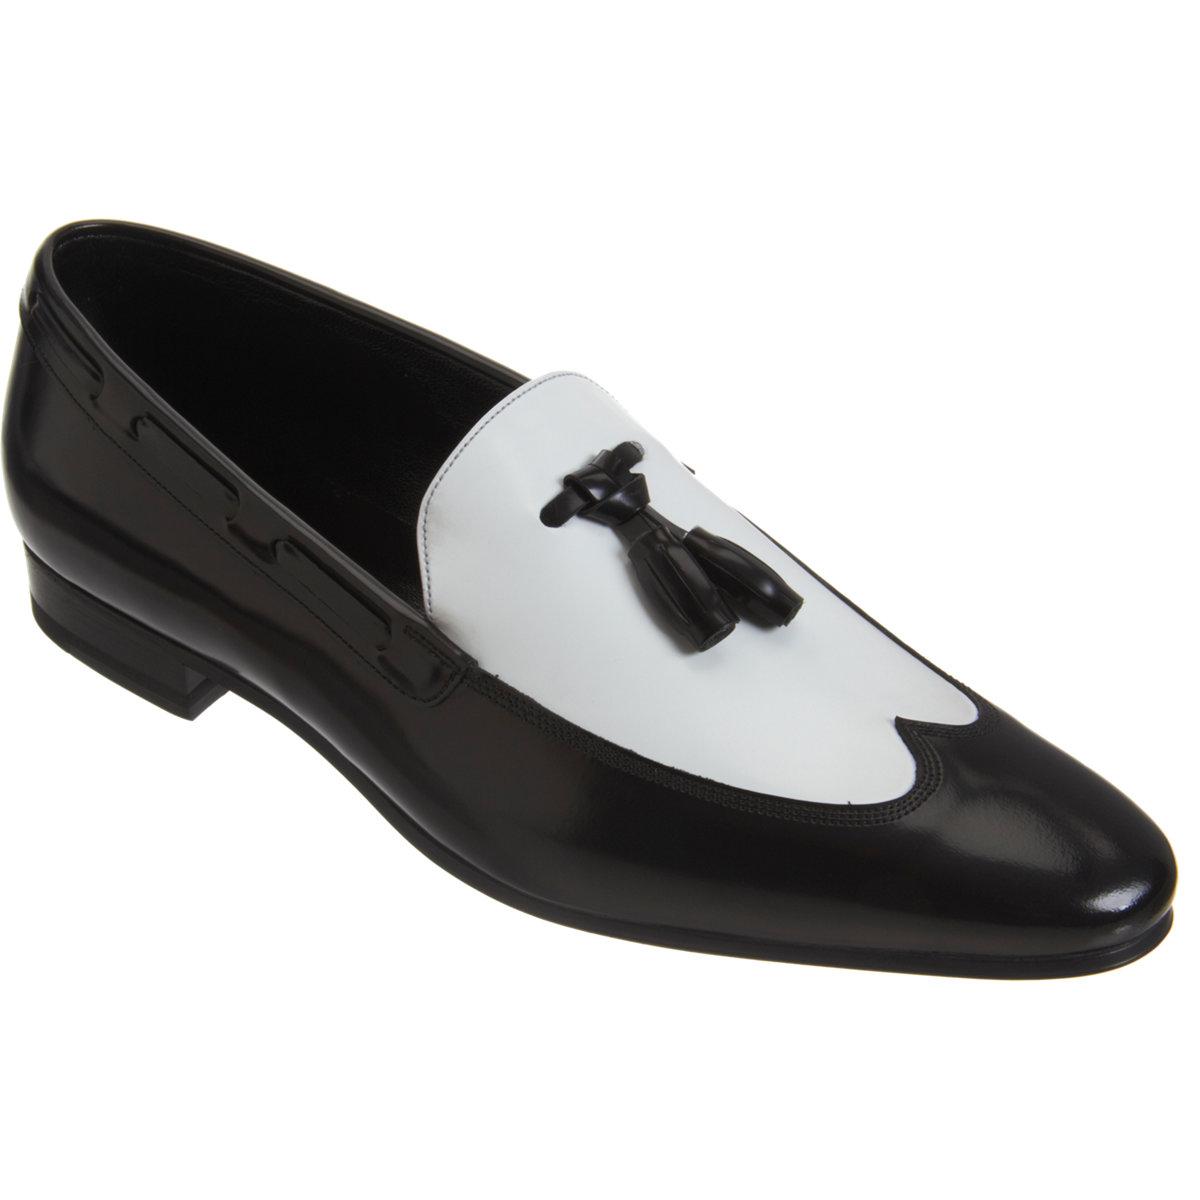 4151d5a3c5cf4 Saint Laurent Bicolor Wingtip Tassel Loafer in Black for Men - Lyst